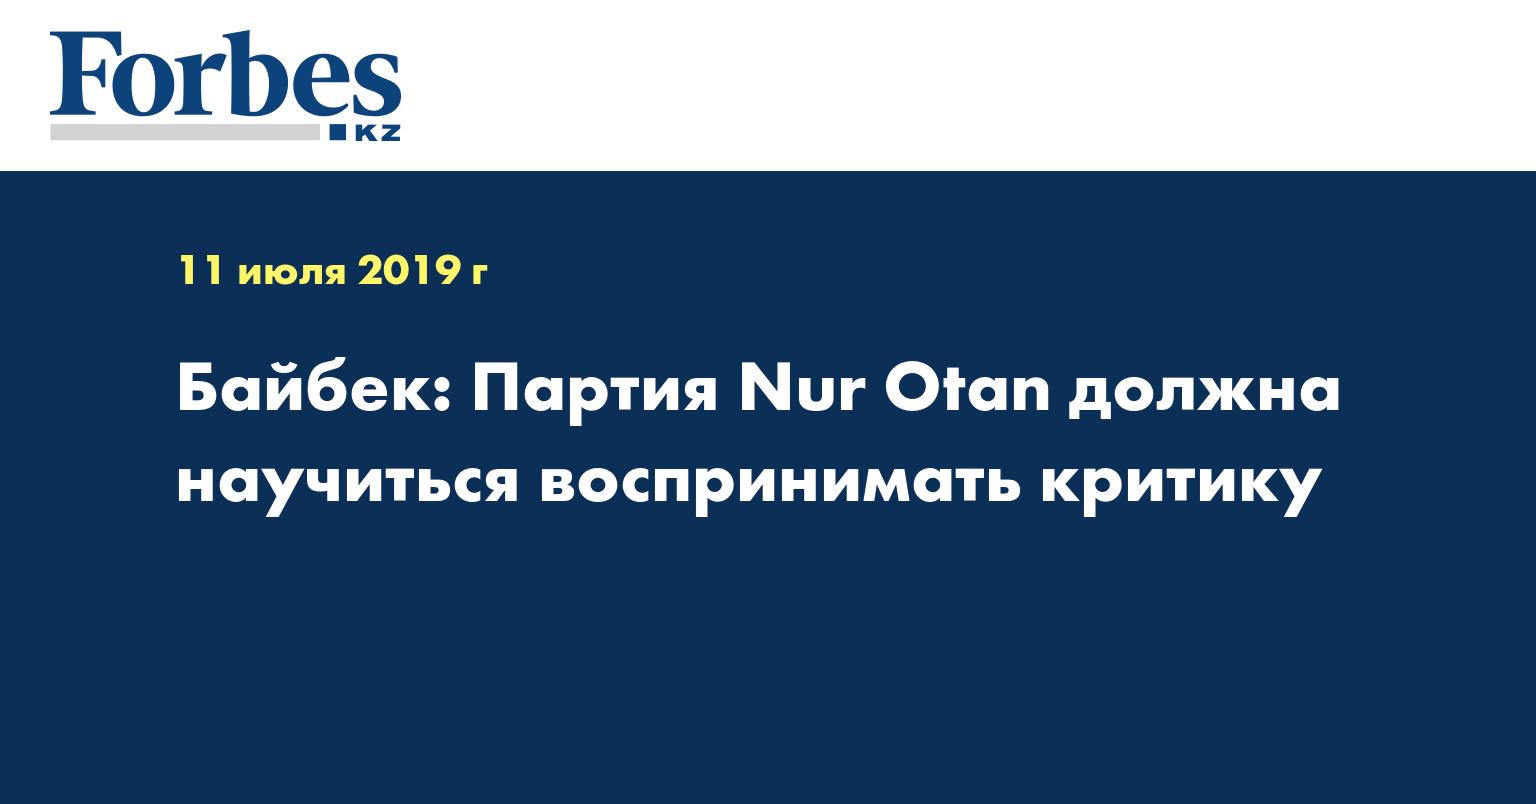 Байбек: Партия Nur Otan должна научиться воспринимать критику